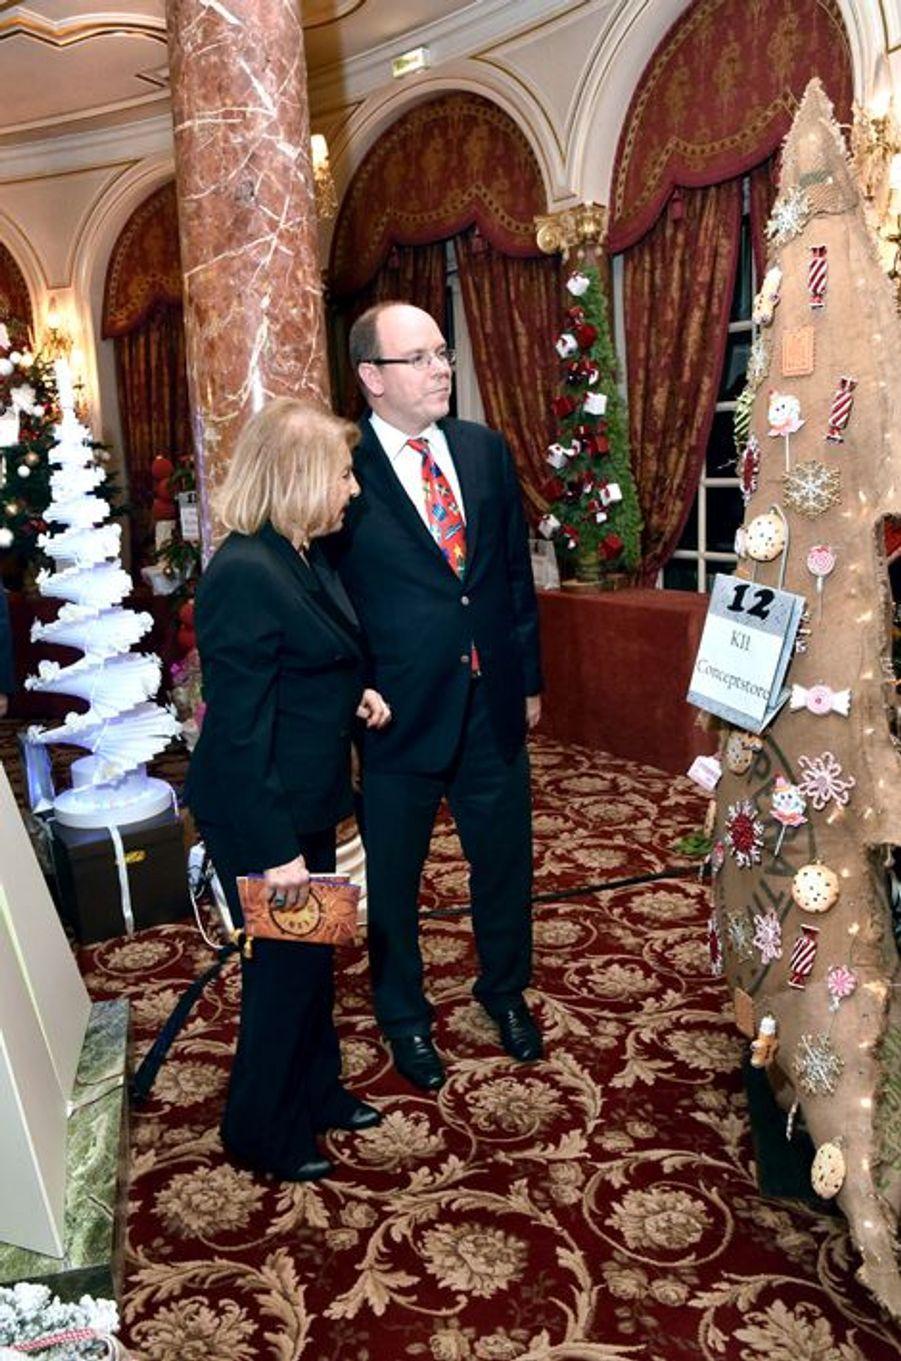 Le prince Albert de Monaco avec Louisette Levy Soussan Azzoaglio à Monaco, le 16 décembre 2014